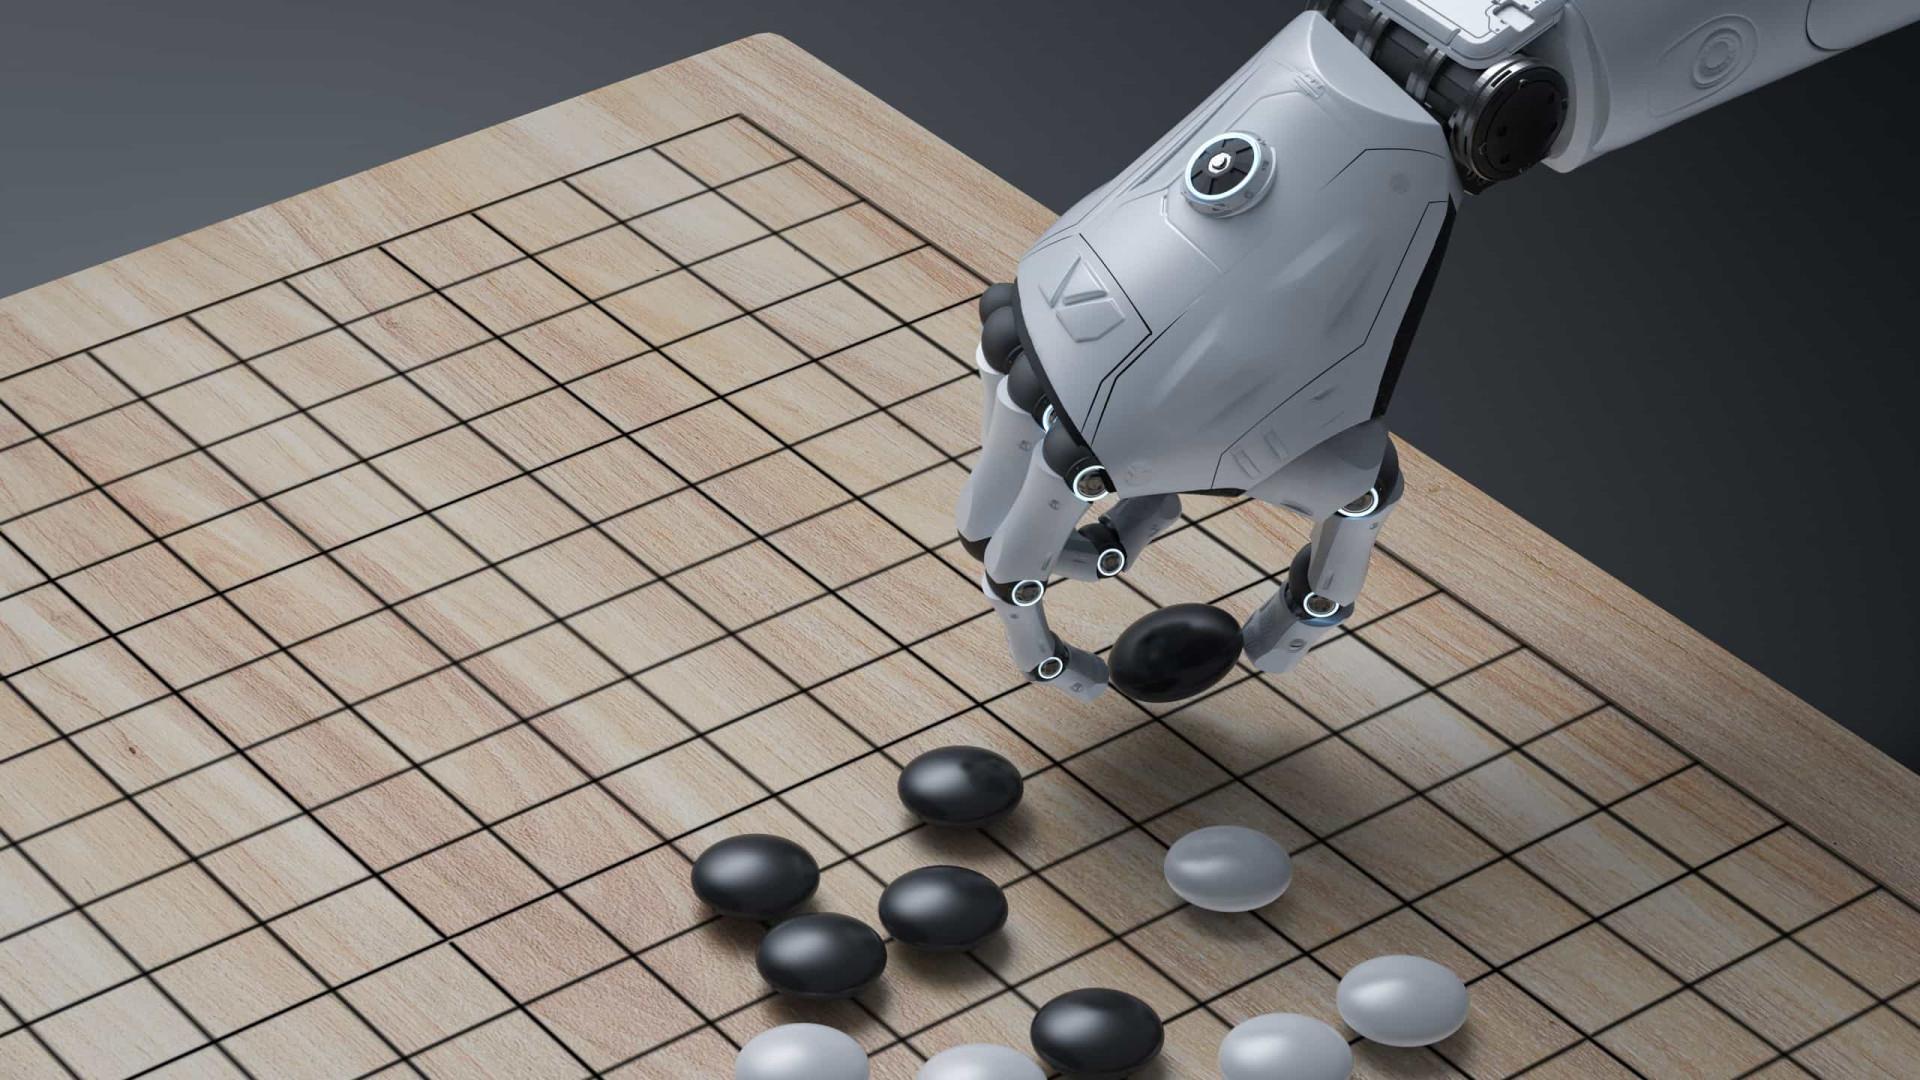 Faculdades usam robô para corrigir provas e criar trilhas de estudo